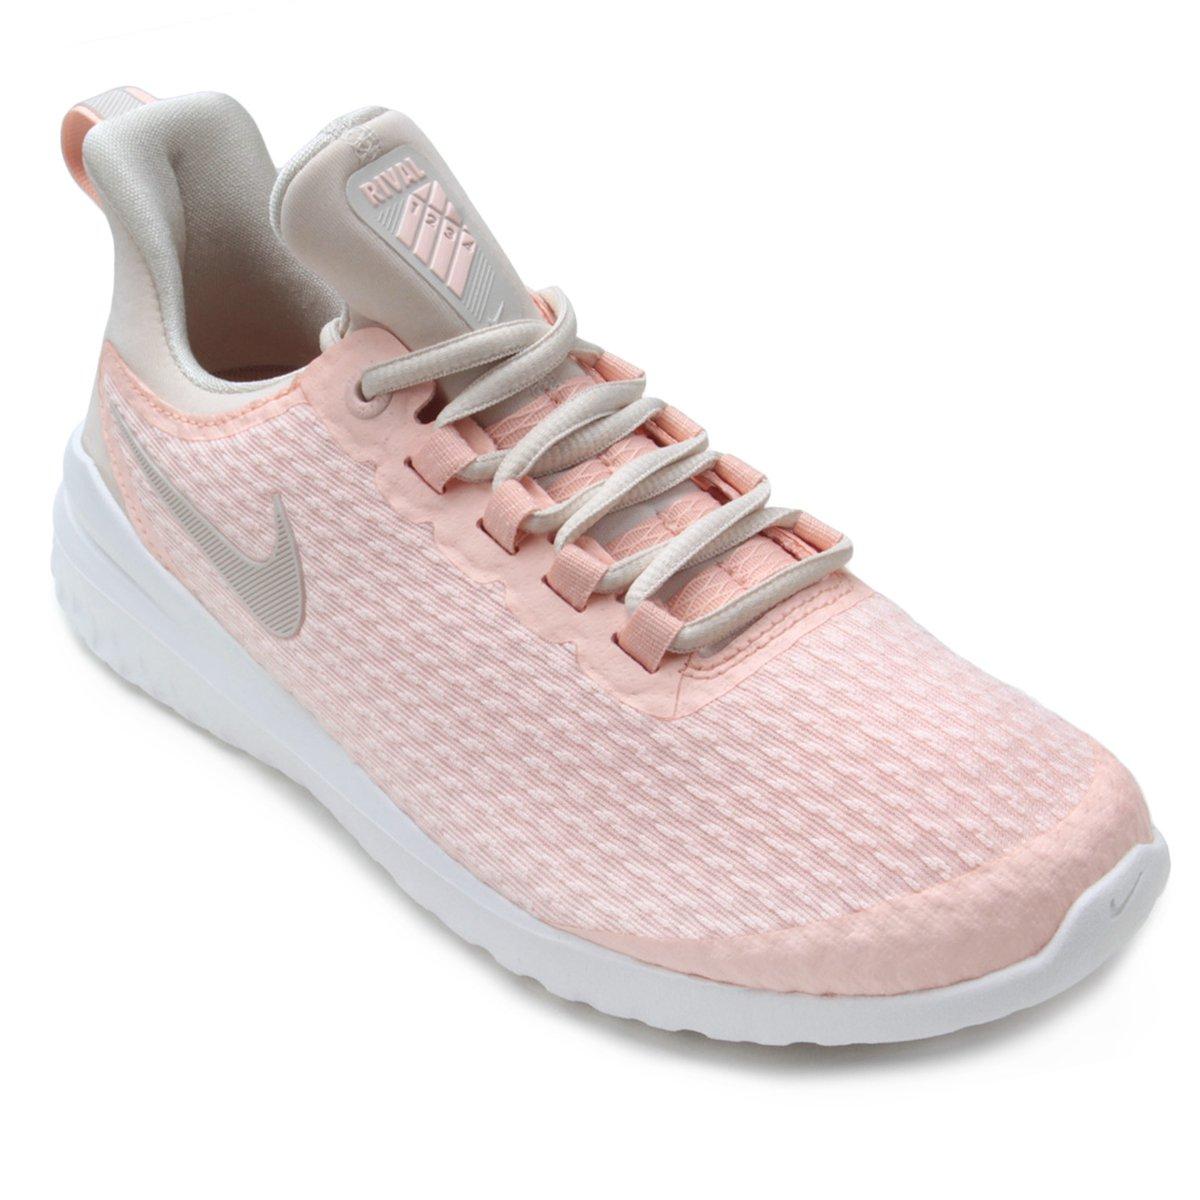 9473f09e01 Tênis Nike Renew Rival Feminino - Coral - Compre Agora